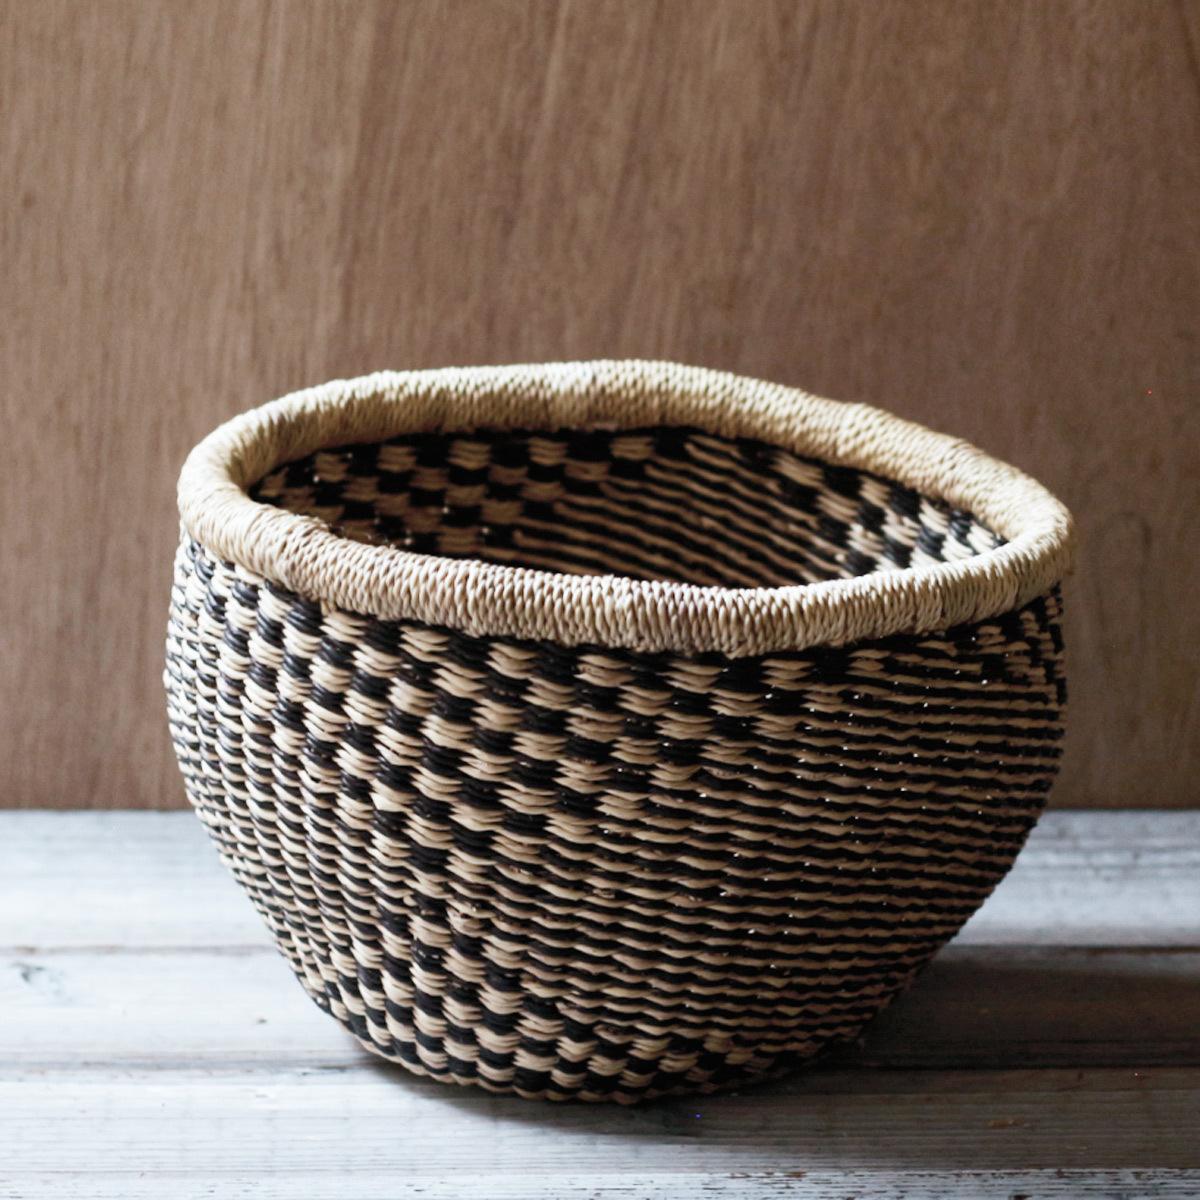 Bolga Basket Round No Handle / S